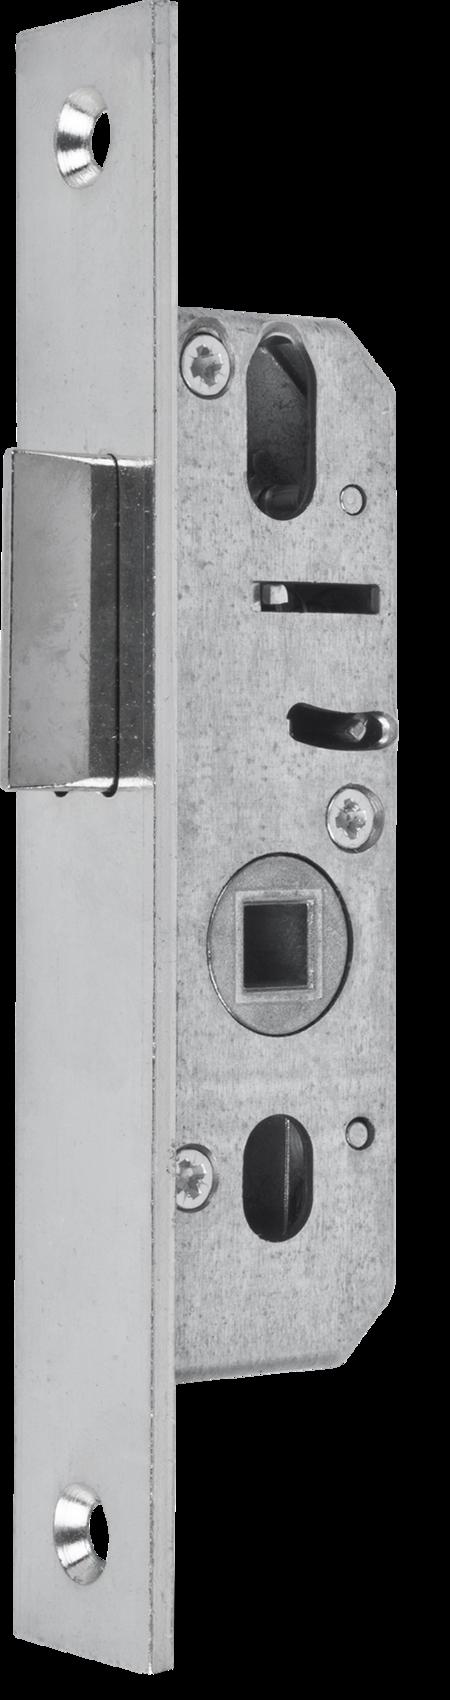 Einsteckfallenschloss, Dornmaß 18 mm, Stulp 24 x 160 x 3 mm